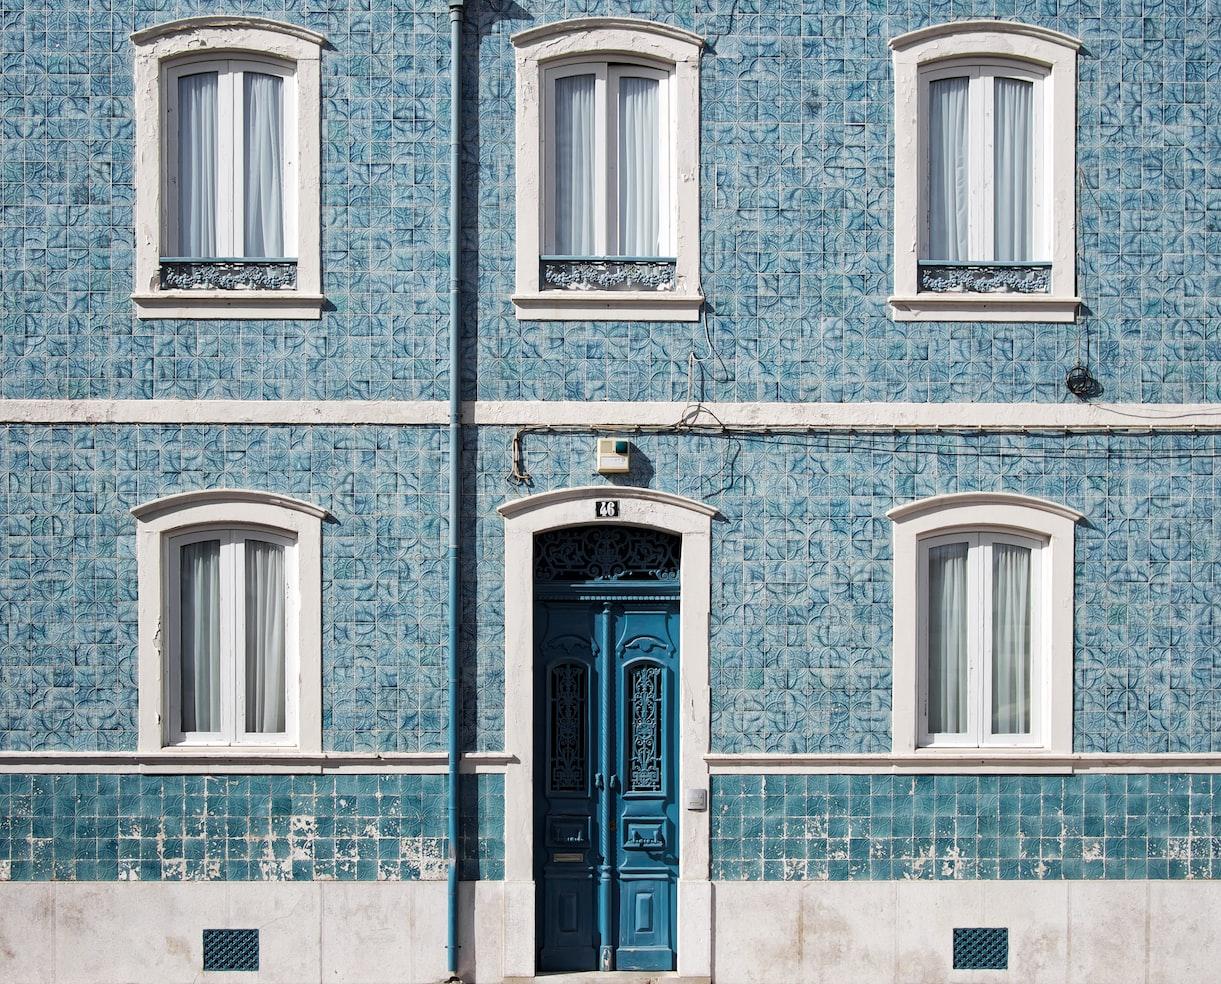 photo 1472070855221 4dff400df492?ixlib=rb 1.2 - Como escolher cores na Arquitetura: Azul e Vermelho